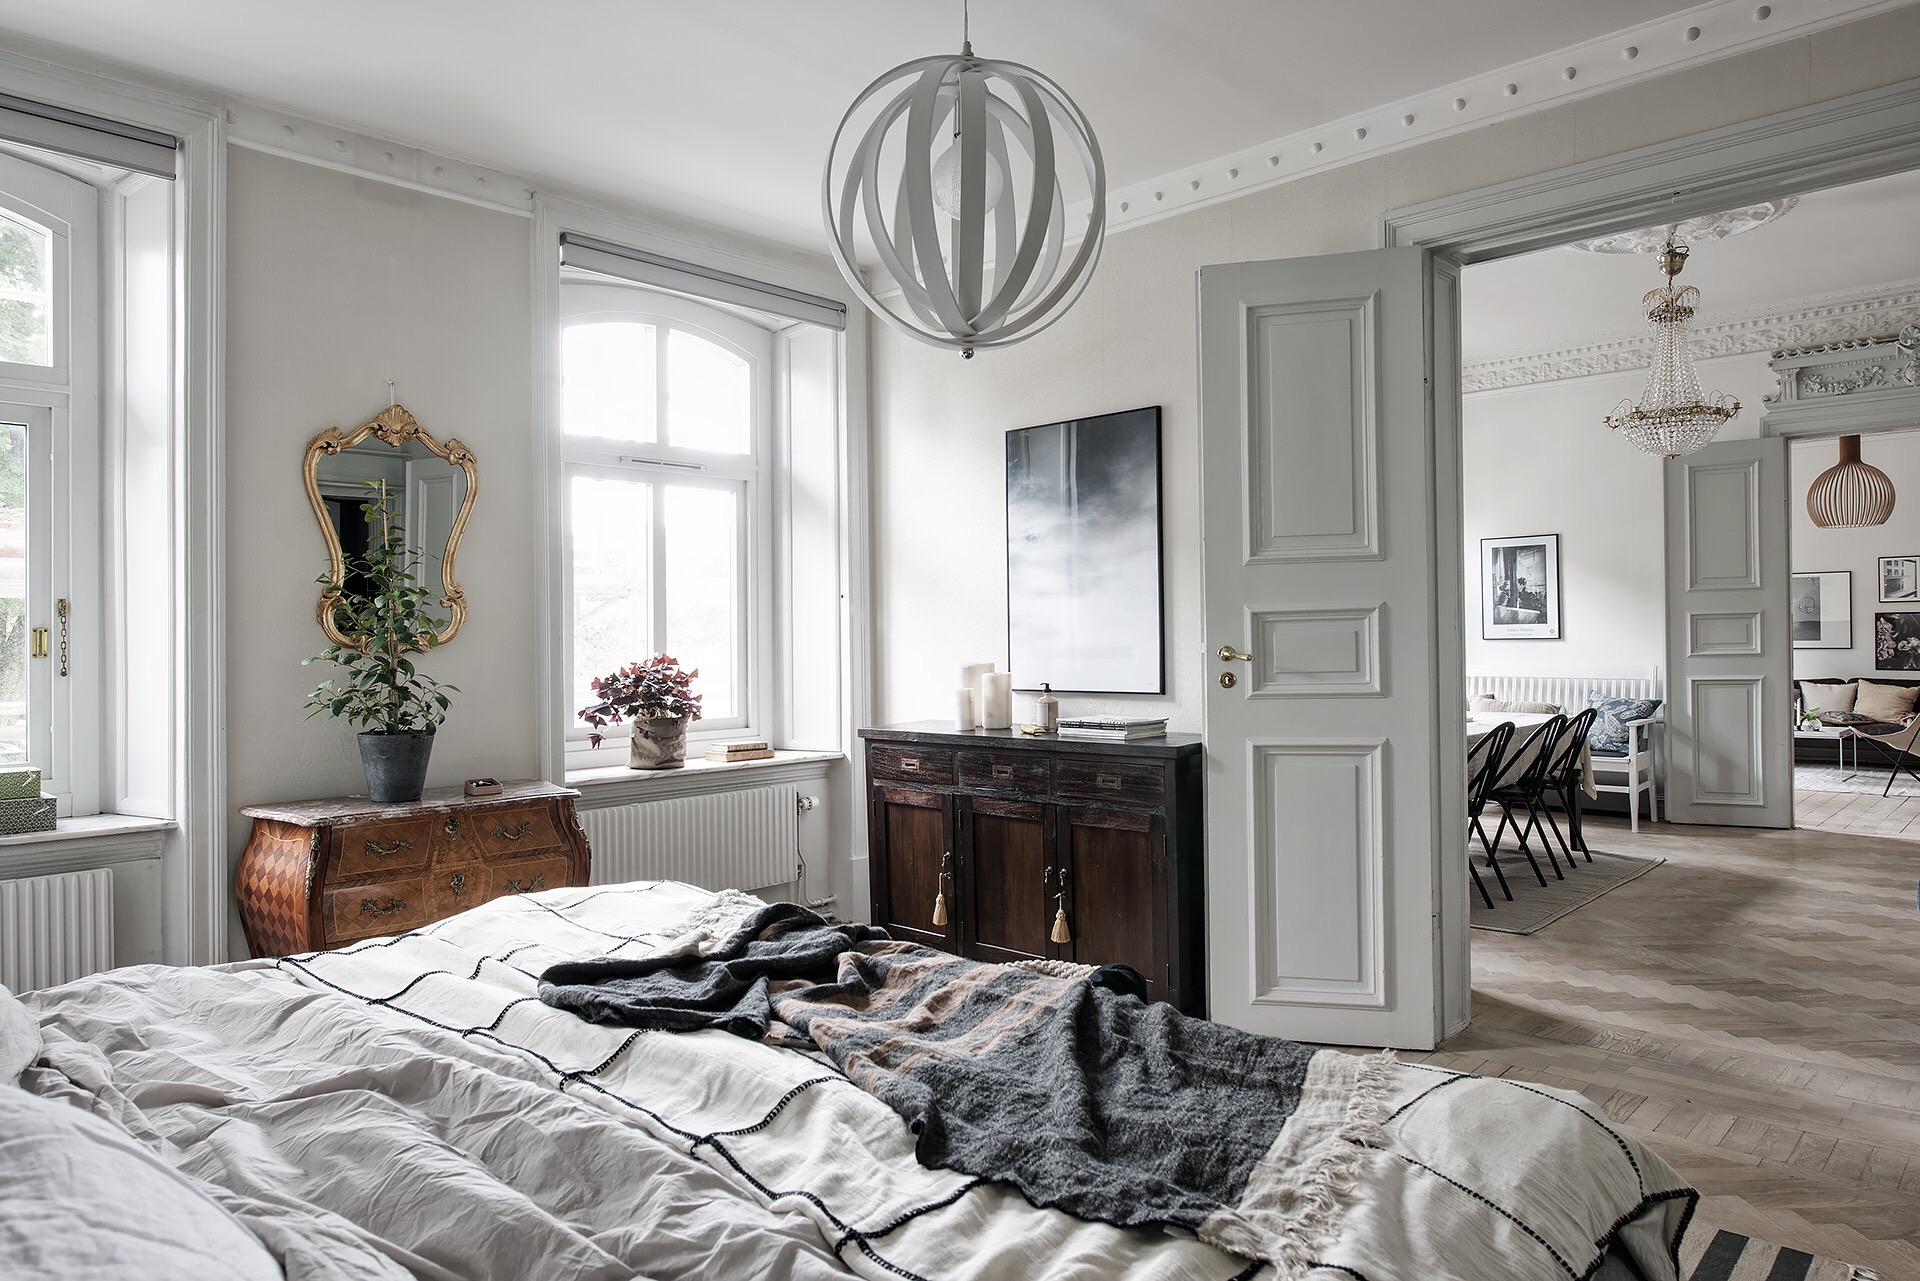 спальня кровать комод окно лампа